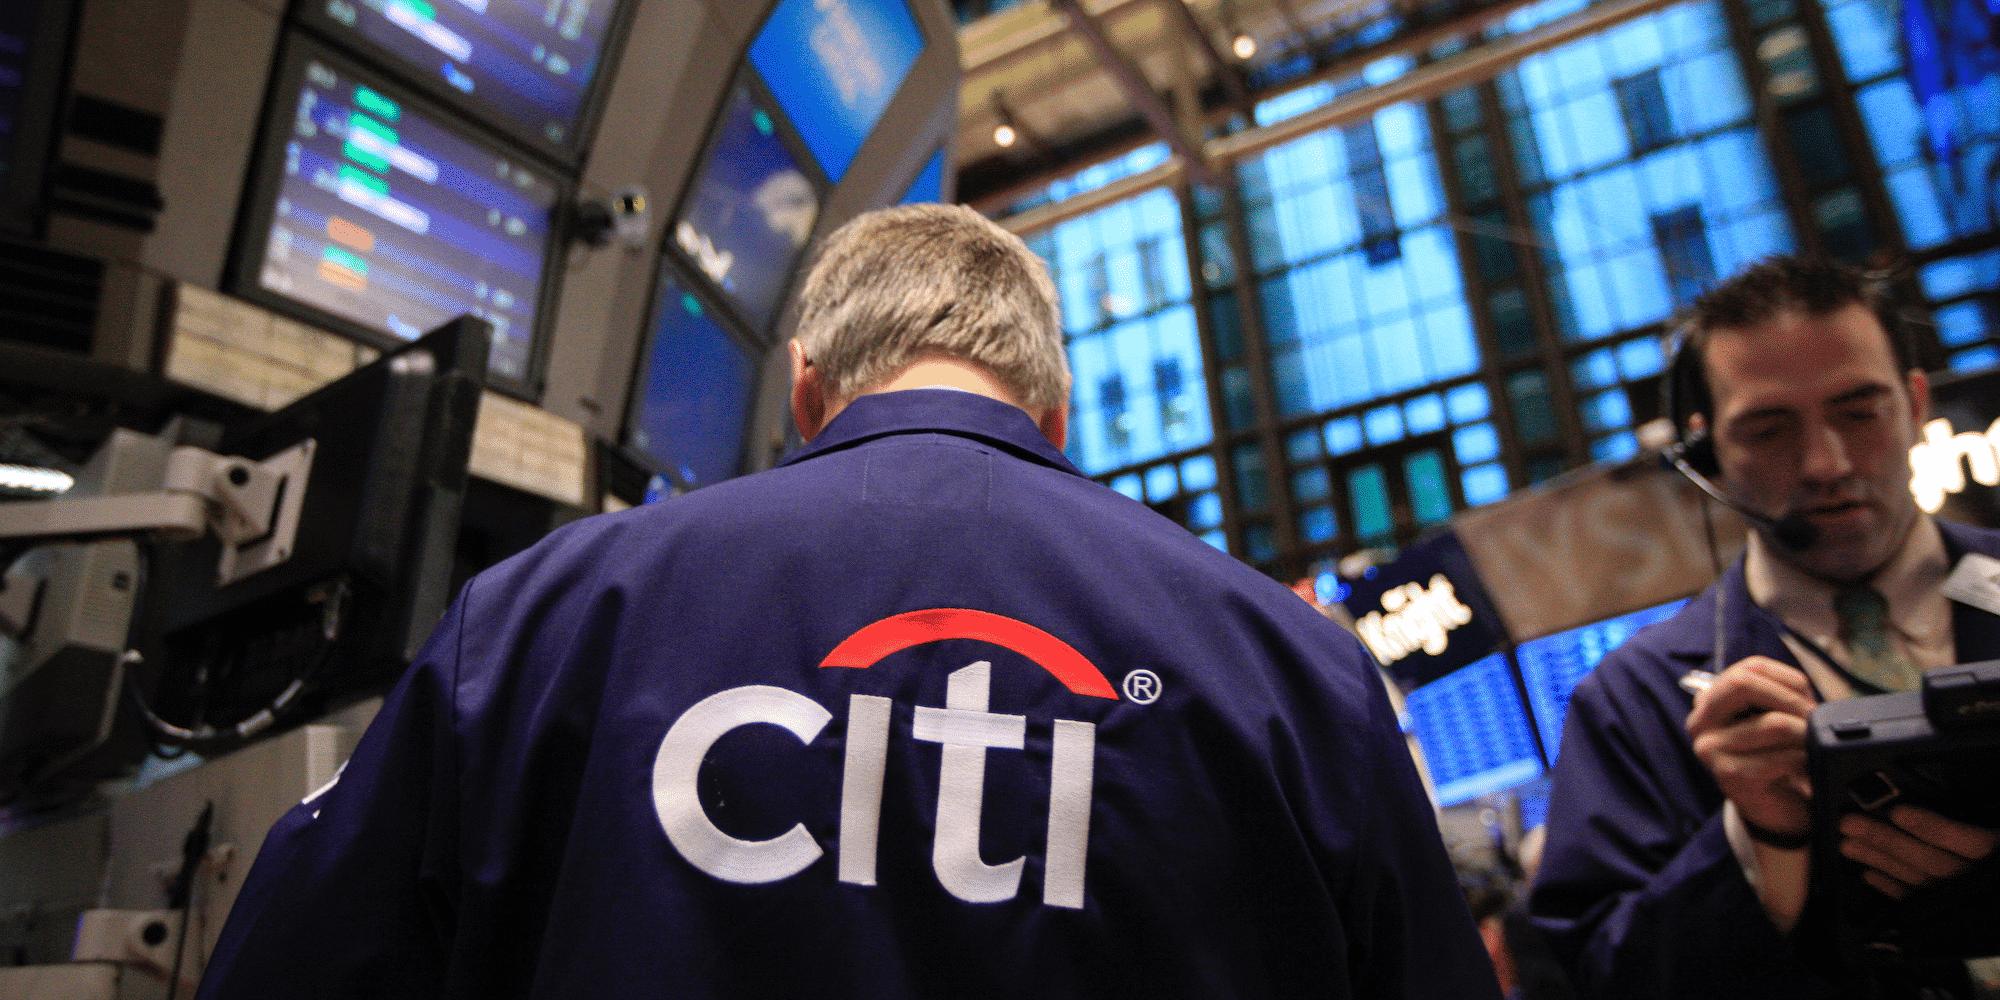 citi-citigroup-microstrategy-bitcoin-btc-ações-economia-negócios-finanças-criptomoedas-comprar-investir